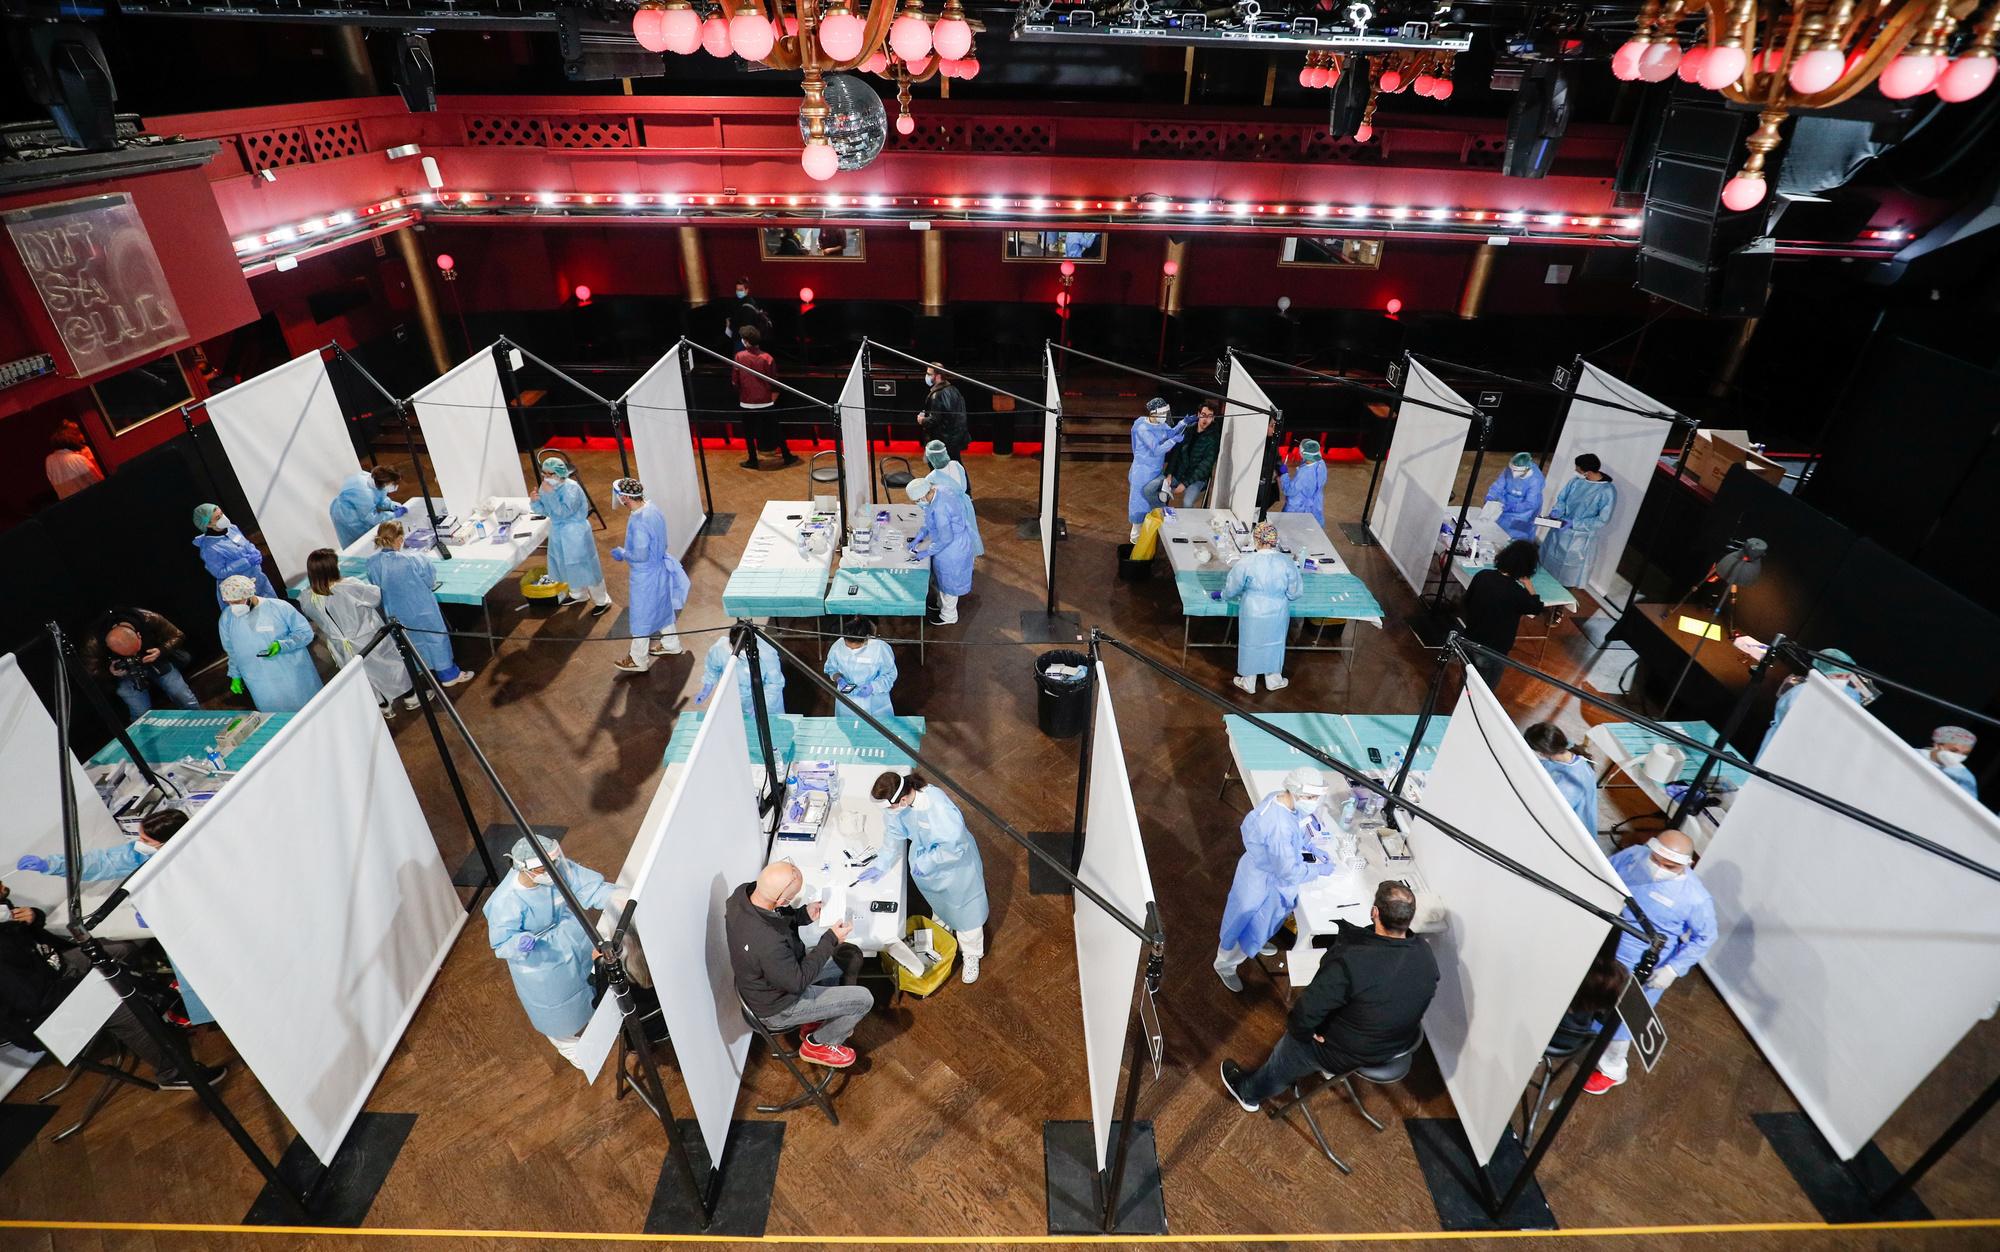 Tout un dispositif pour le testing sur place avant la tenue du concert., REUTERS/ Albert Gea